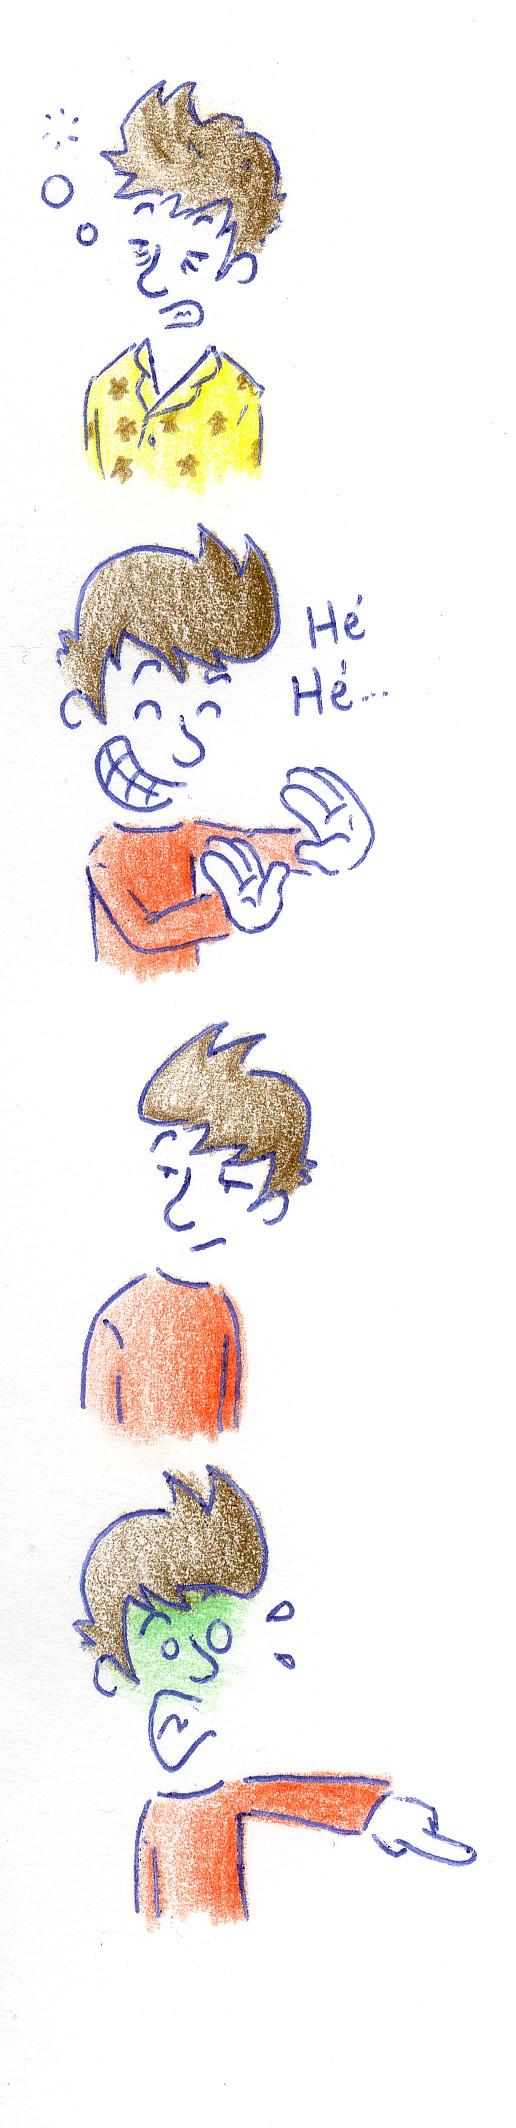 Bric-à-Brac de dessins - Page 6 Expres10